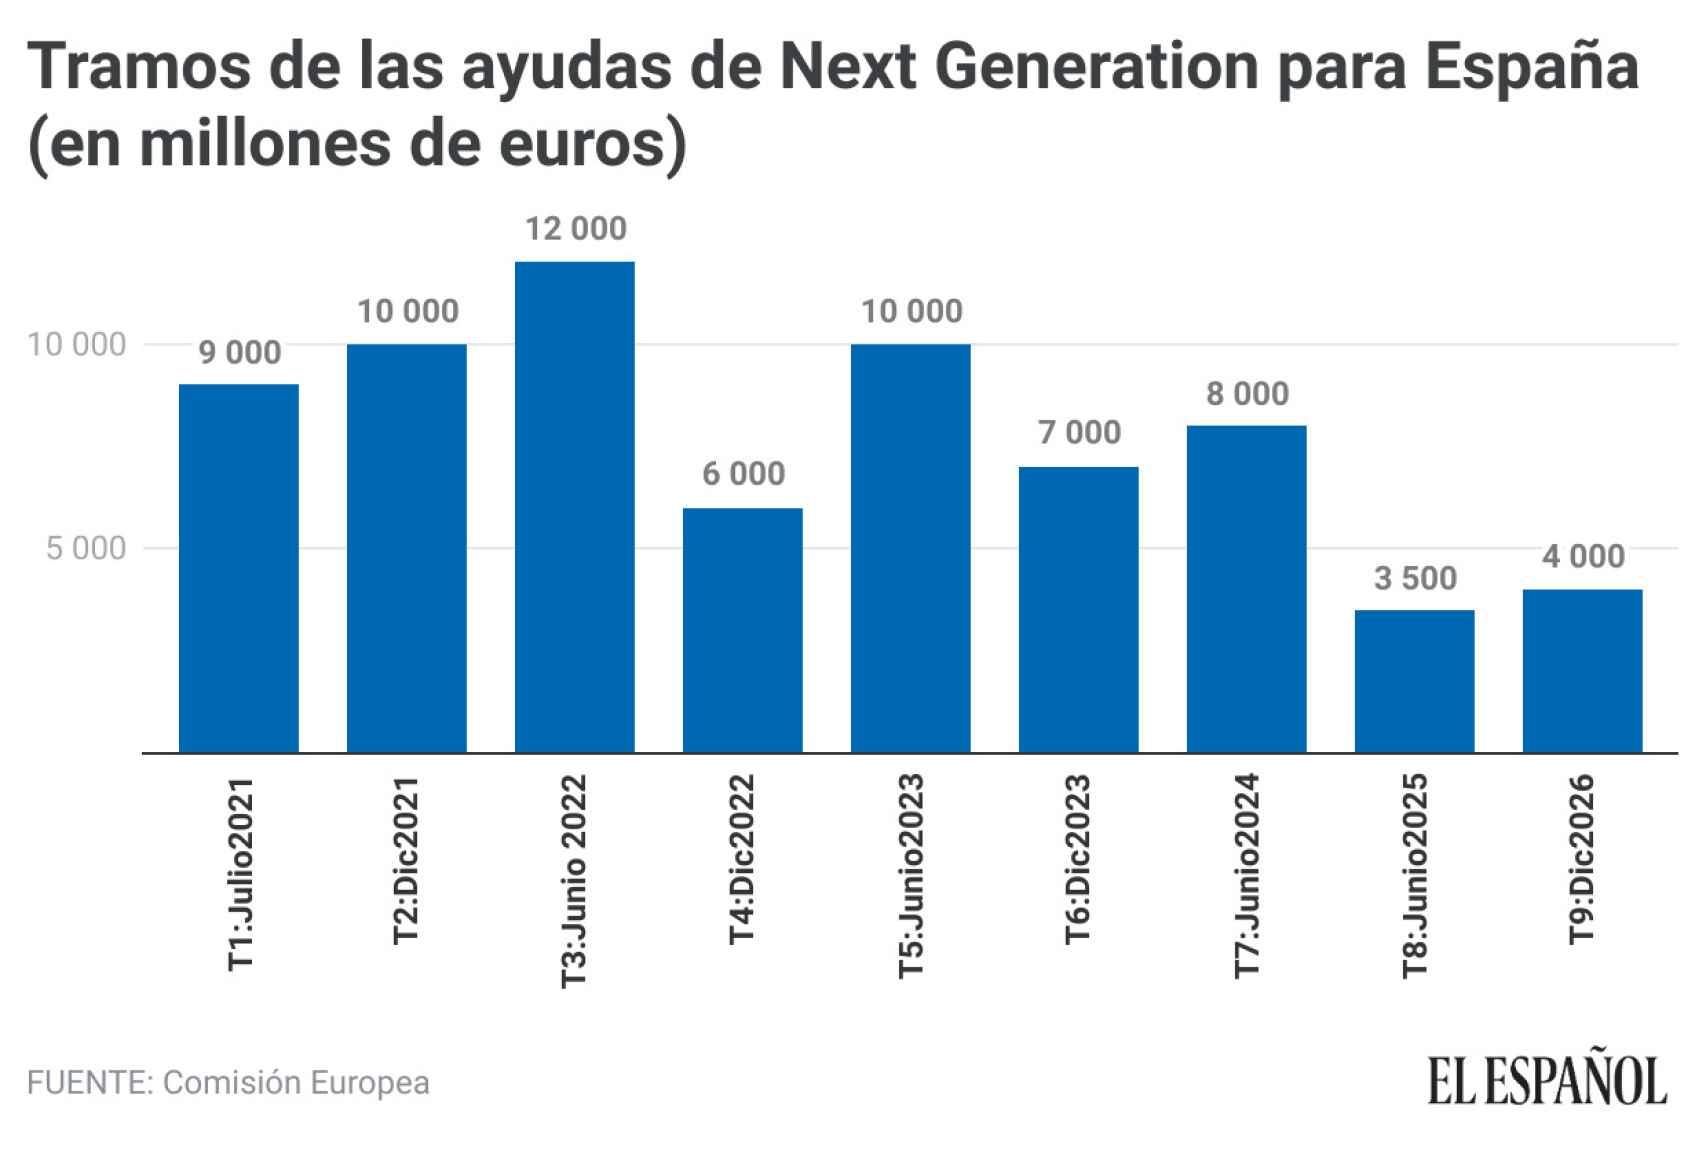 Tramos de las ayudas de Next Generation para España